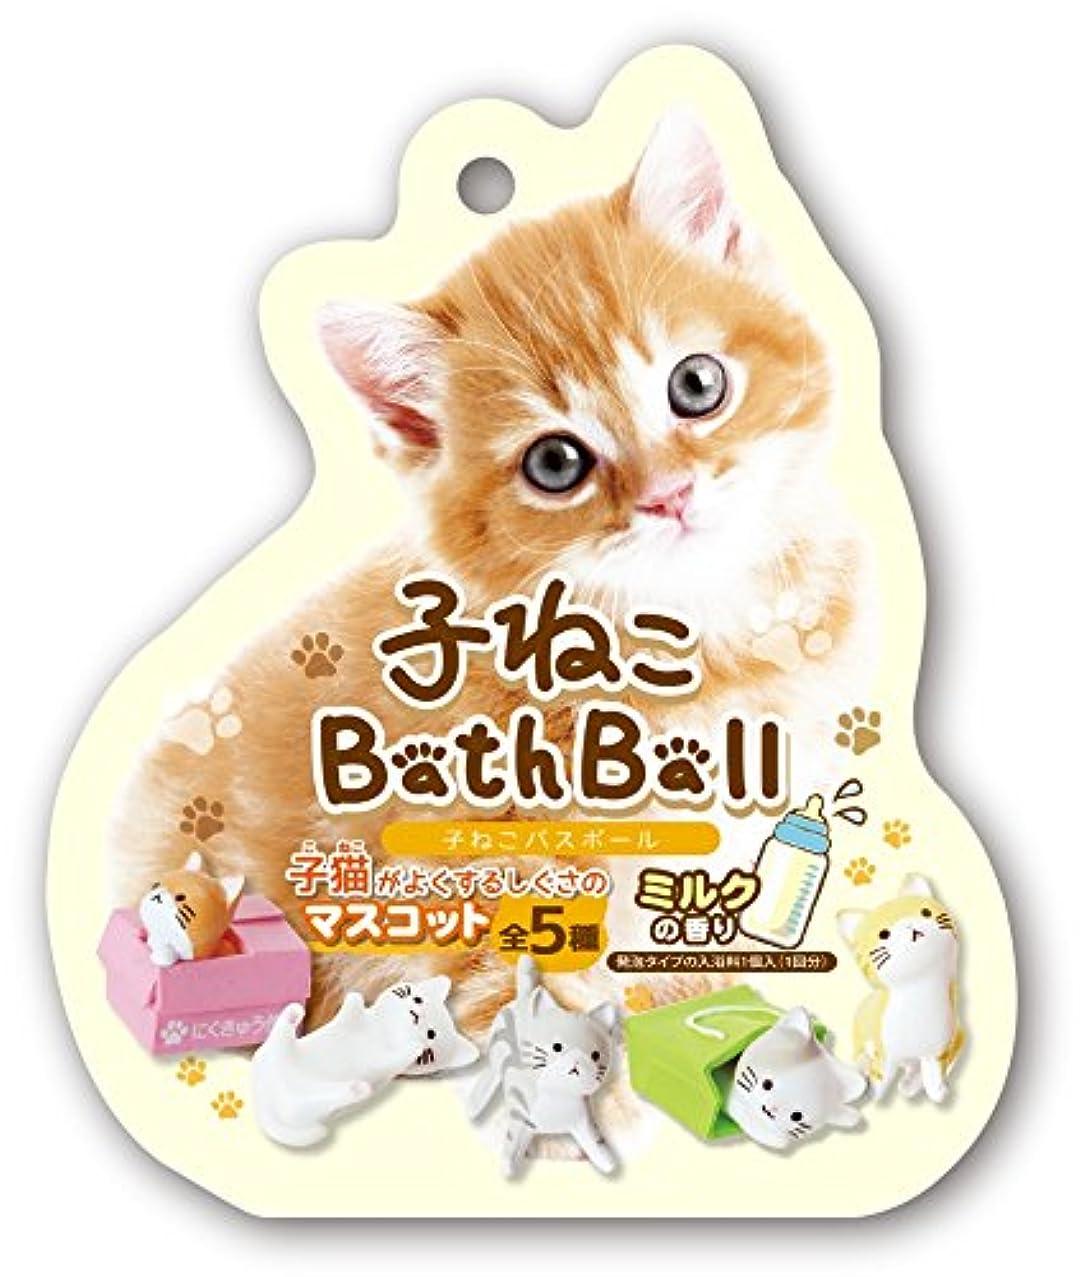 要旨川洞察力のあるノルコーポレーション 入浴剤 こねこ バスボール ミルクの香り 50g OB-NEB-2-1